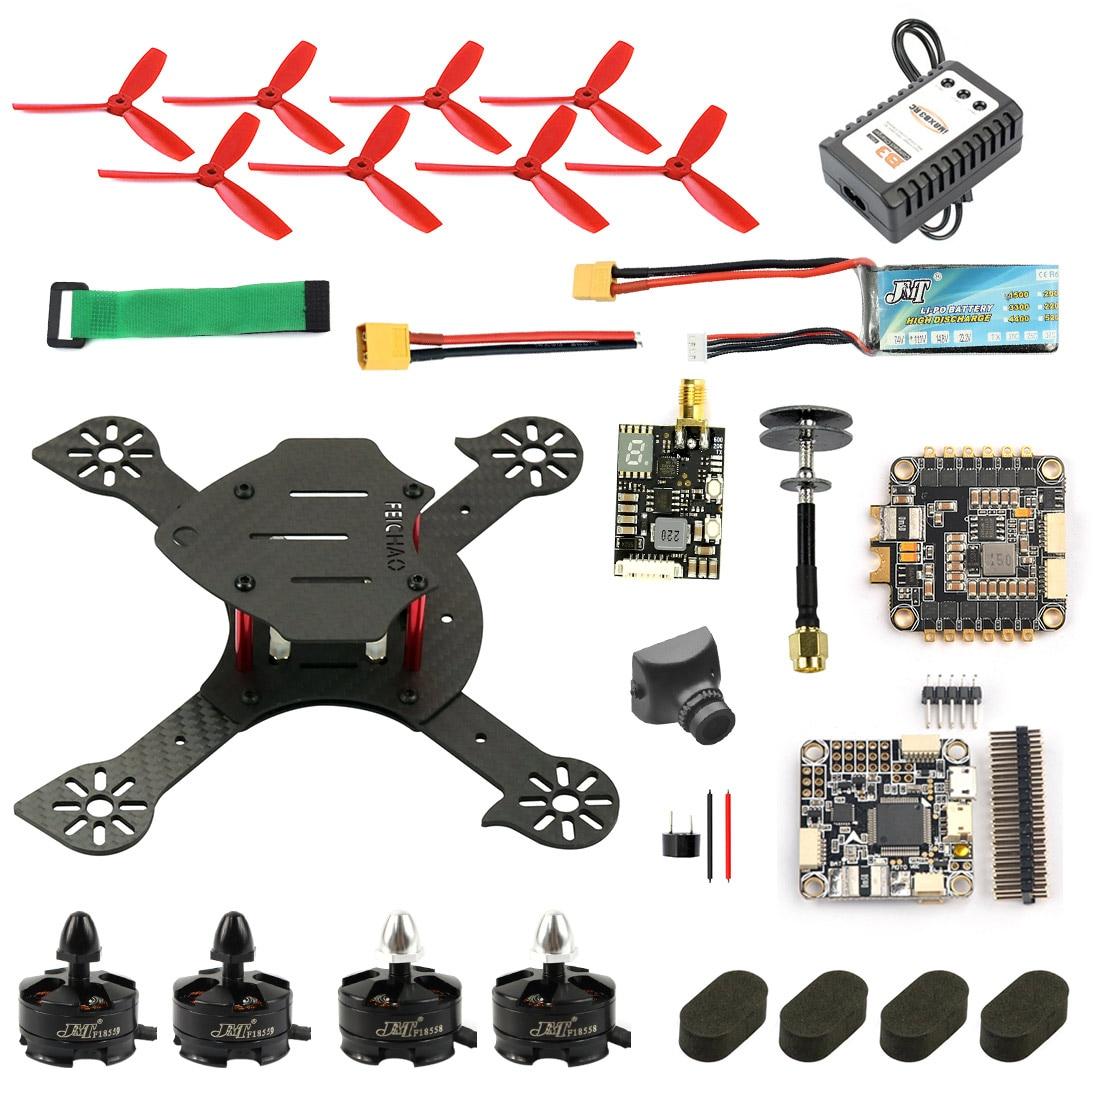 MT DIY FPV Raer Drone Quadcopter PNP F4 Pro V2 Flight Contro